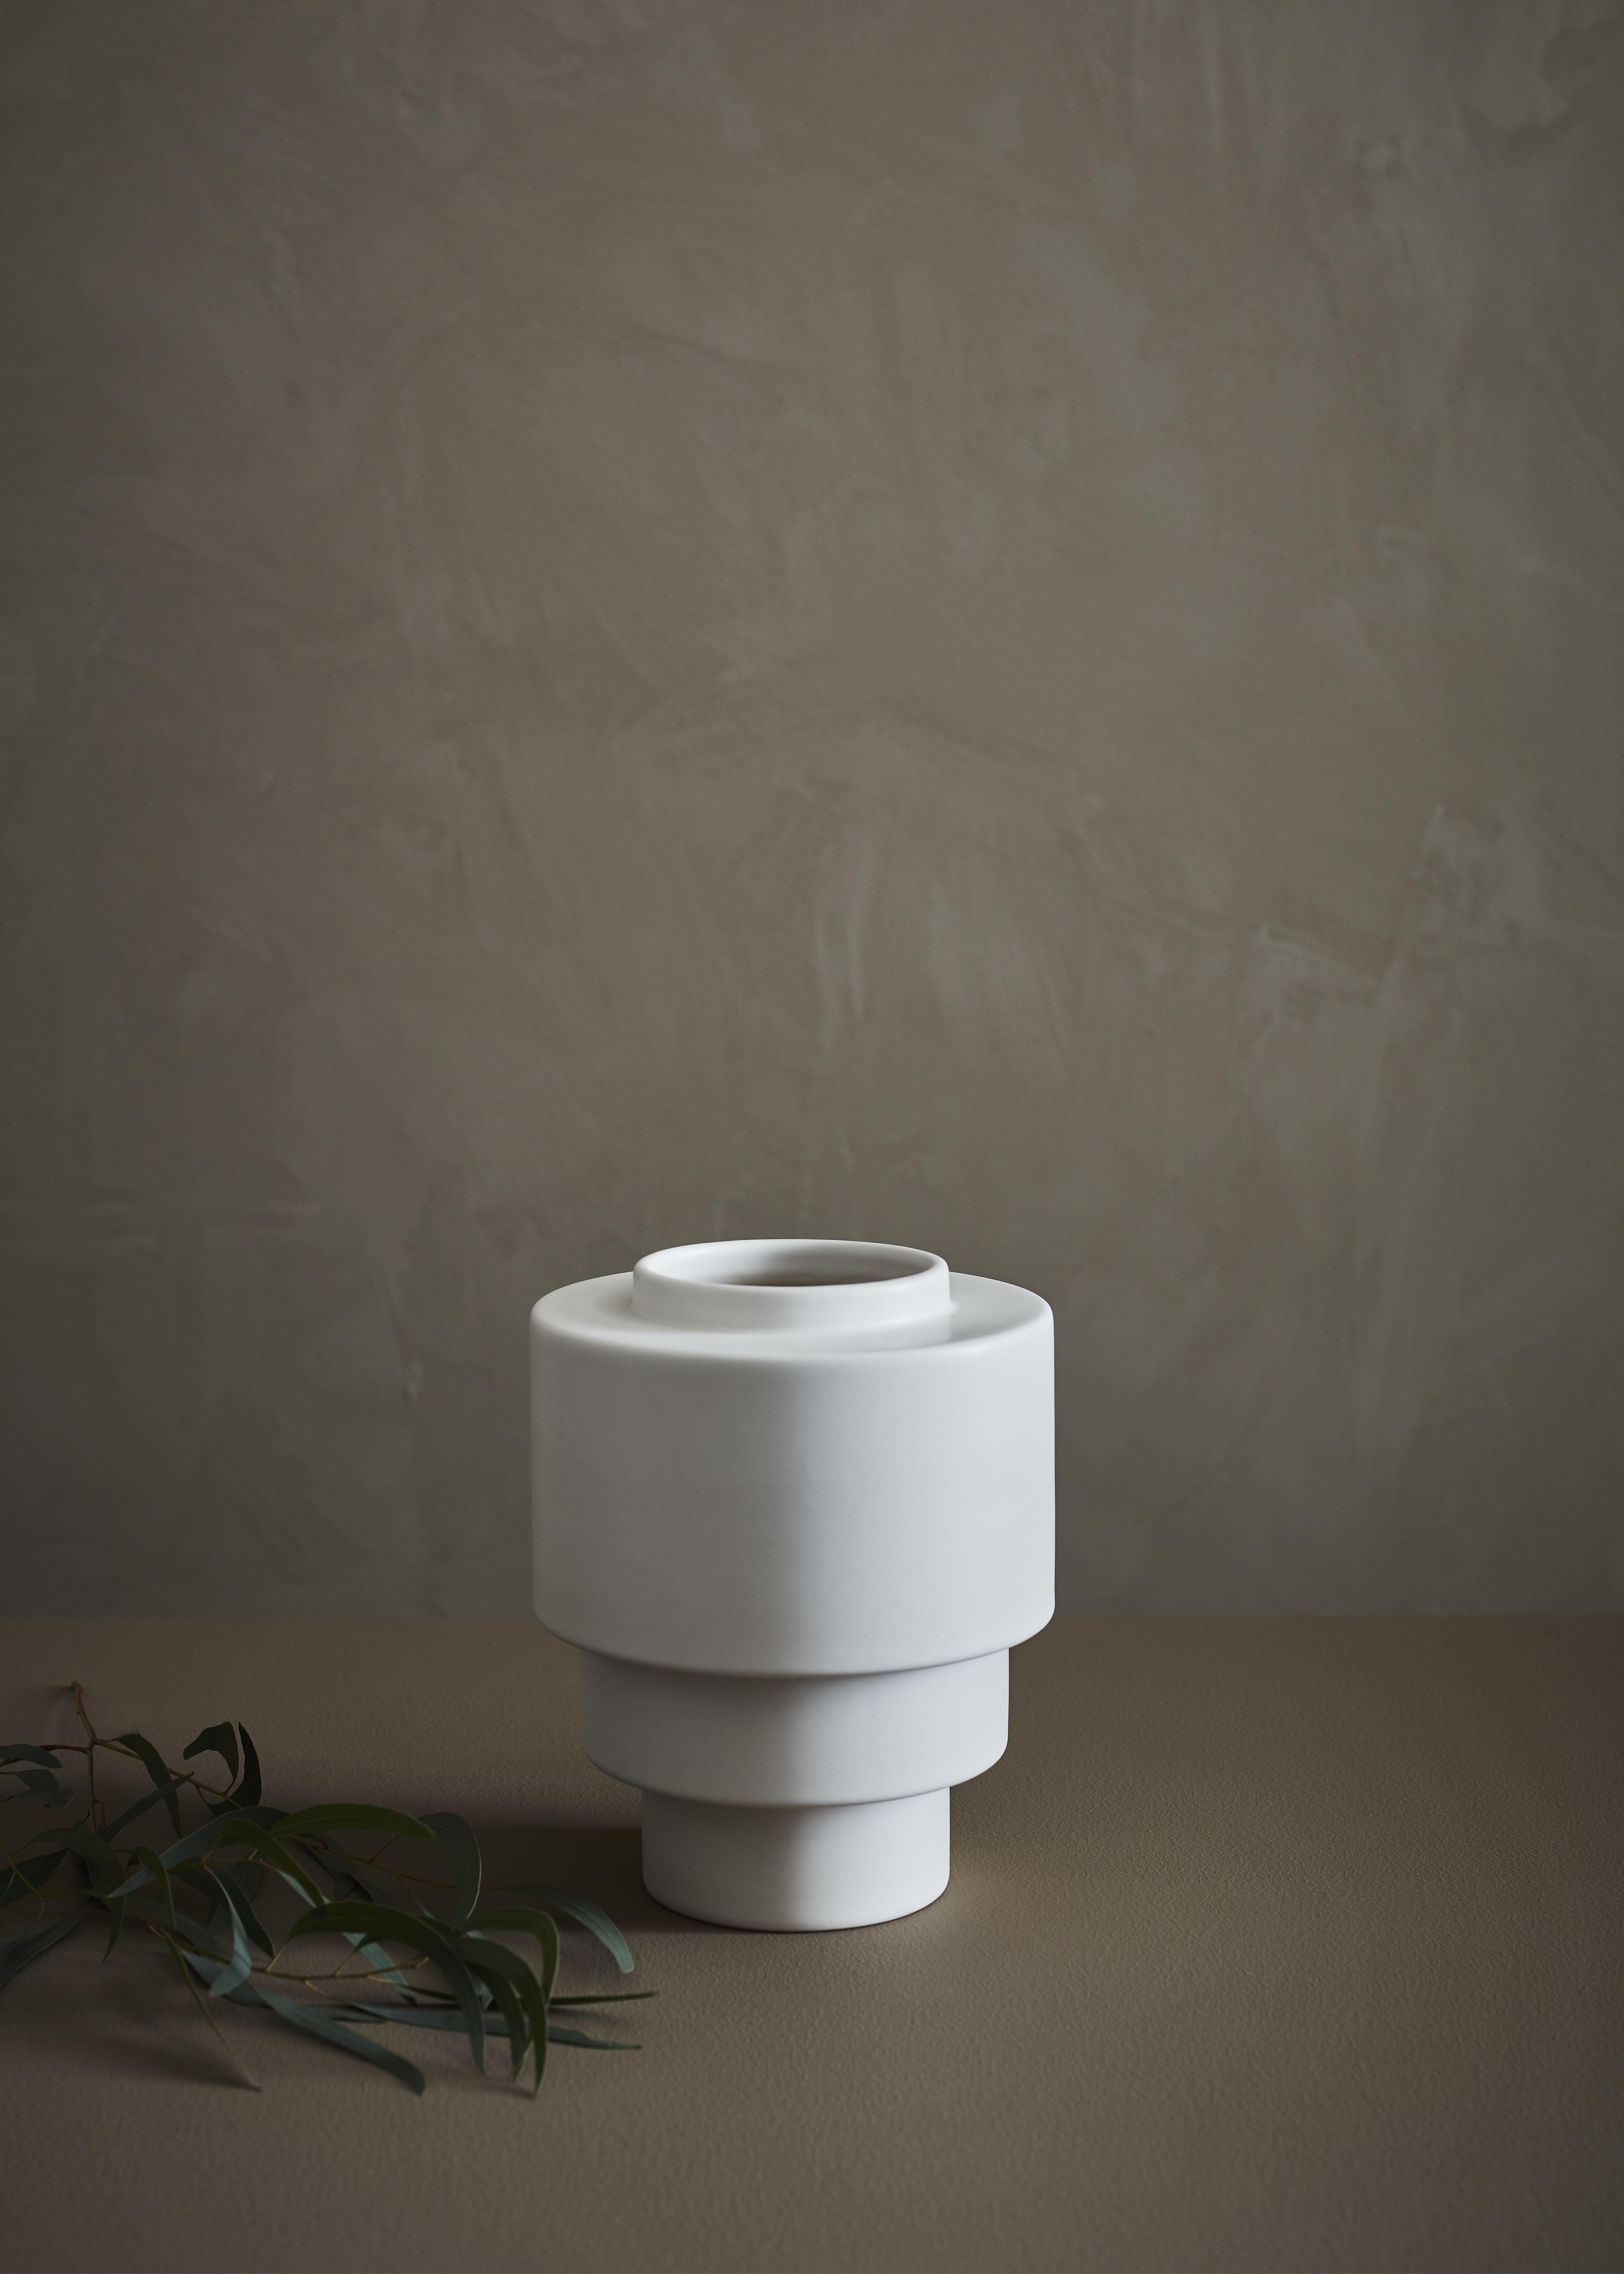 AKKA - Ceramic Pot white matt